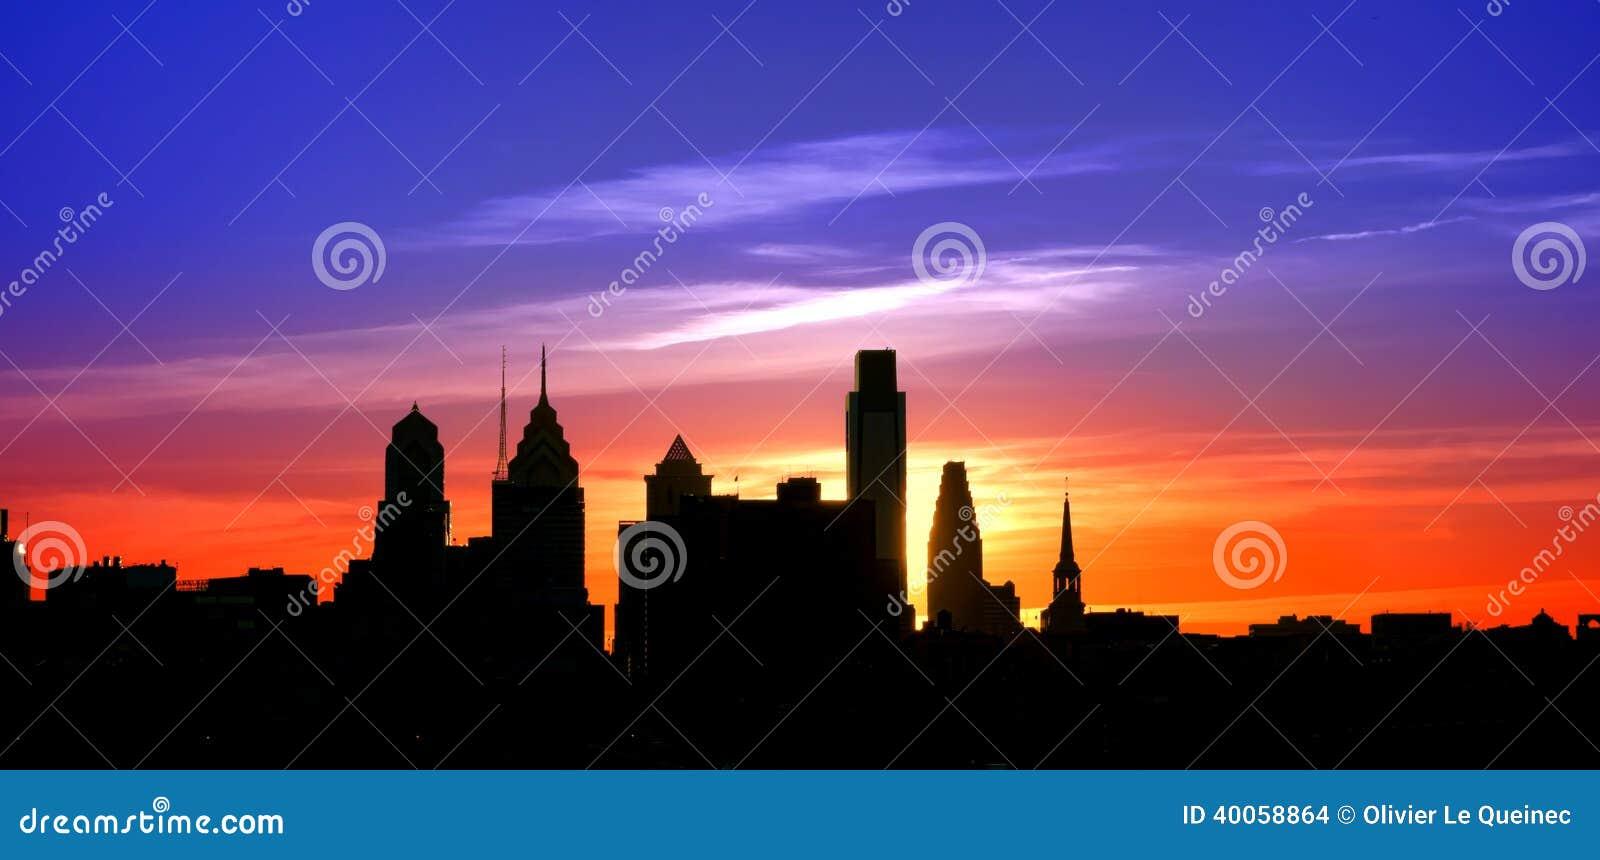 费城耶路撒冷旧城剪影都市风景日落